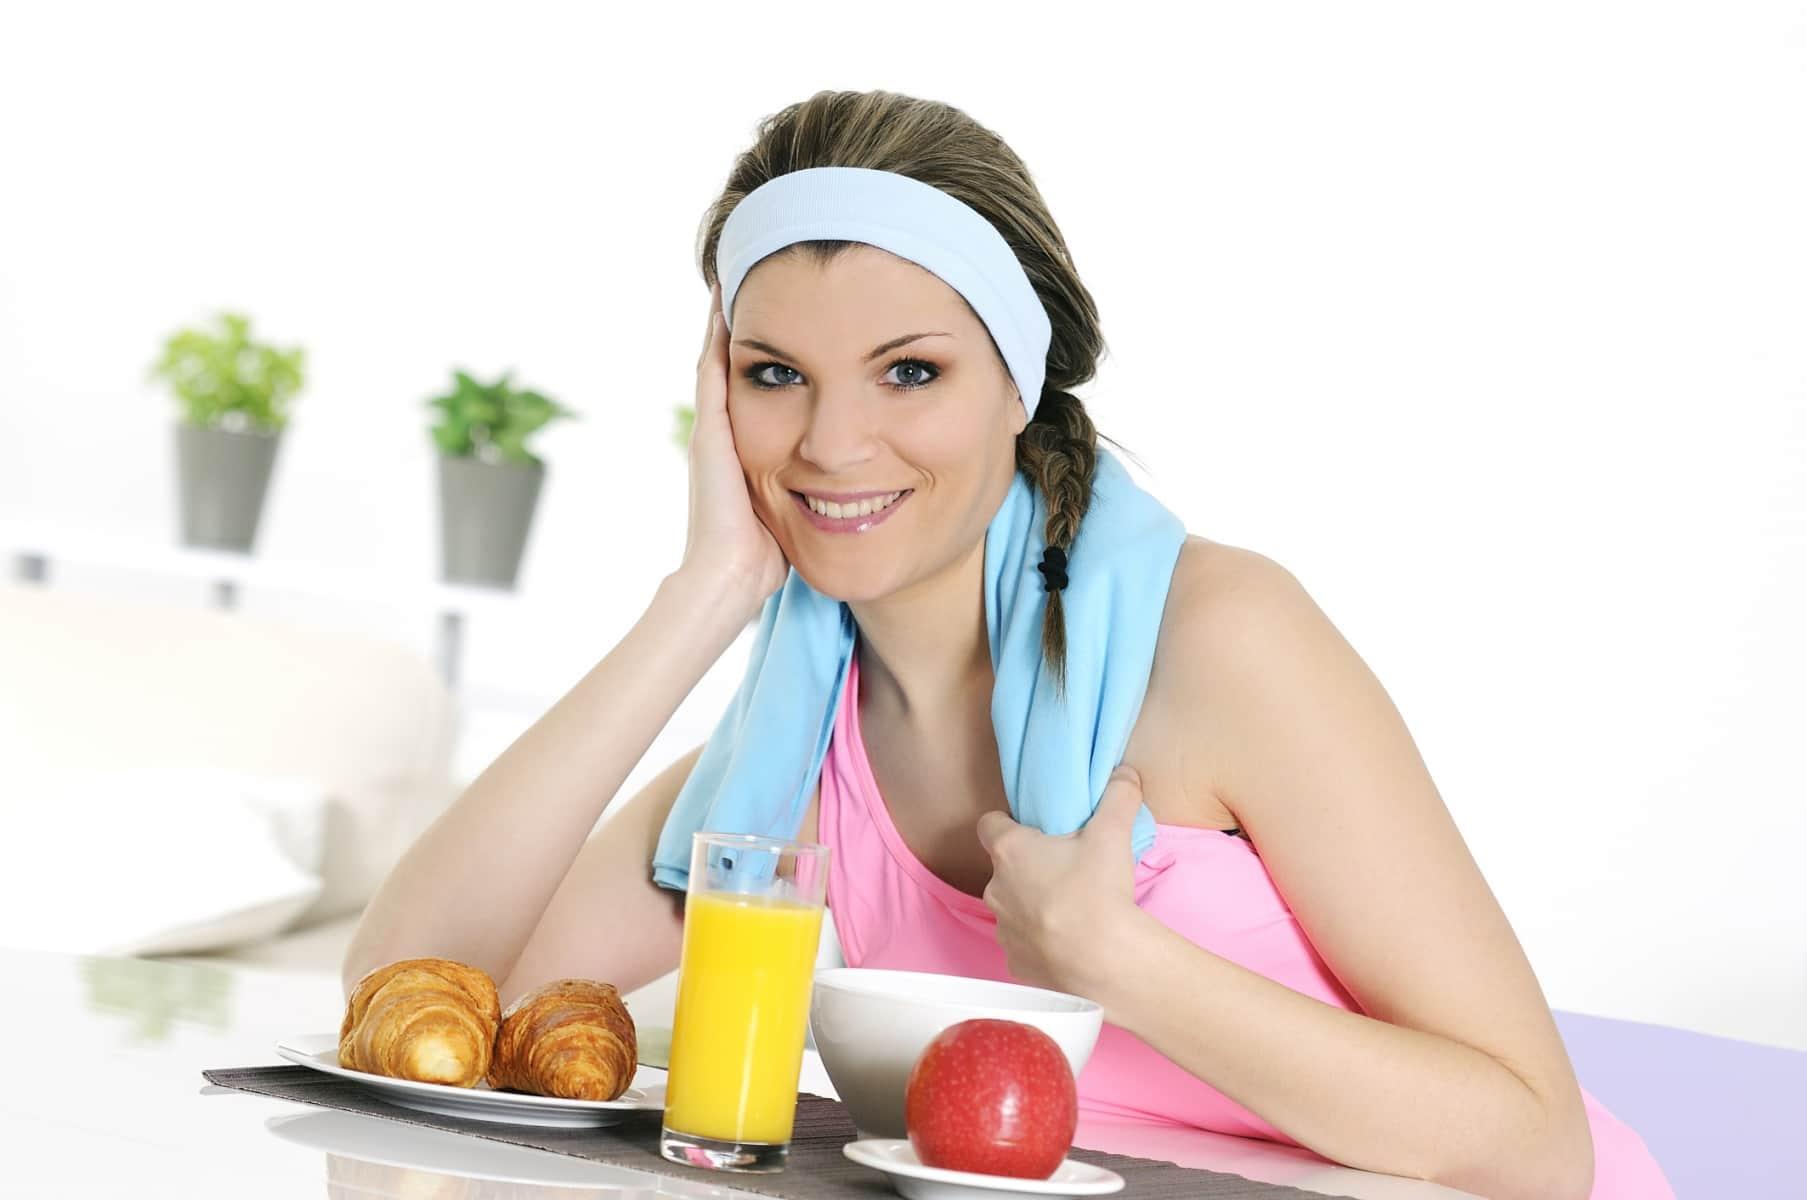 en que consiste la nutrición deportiva